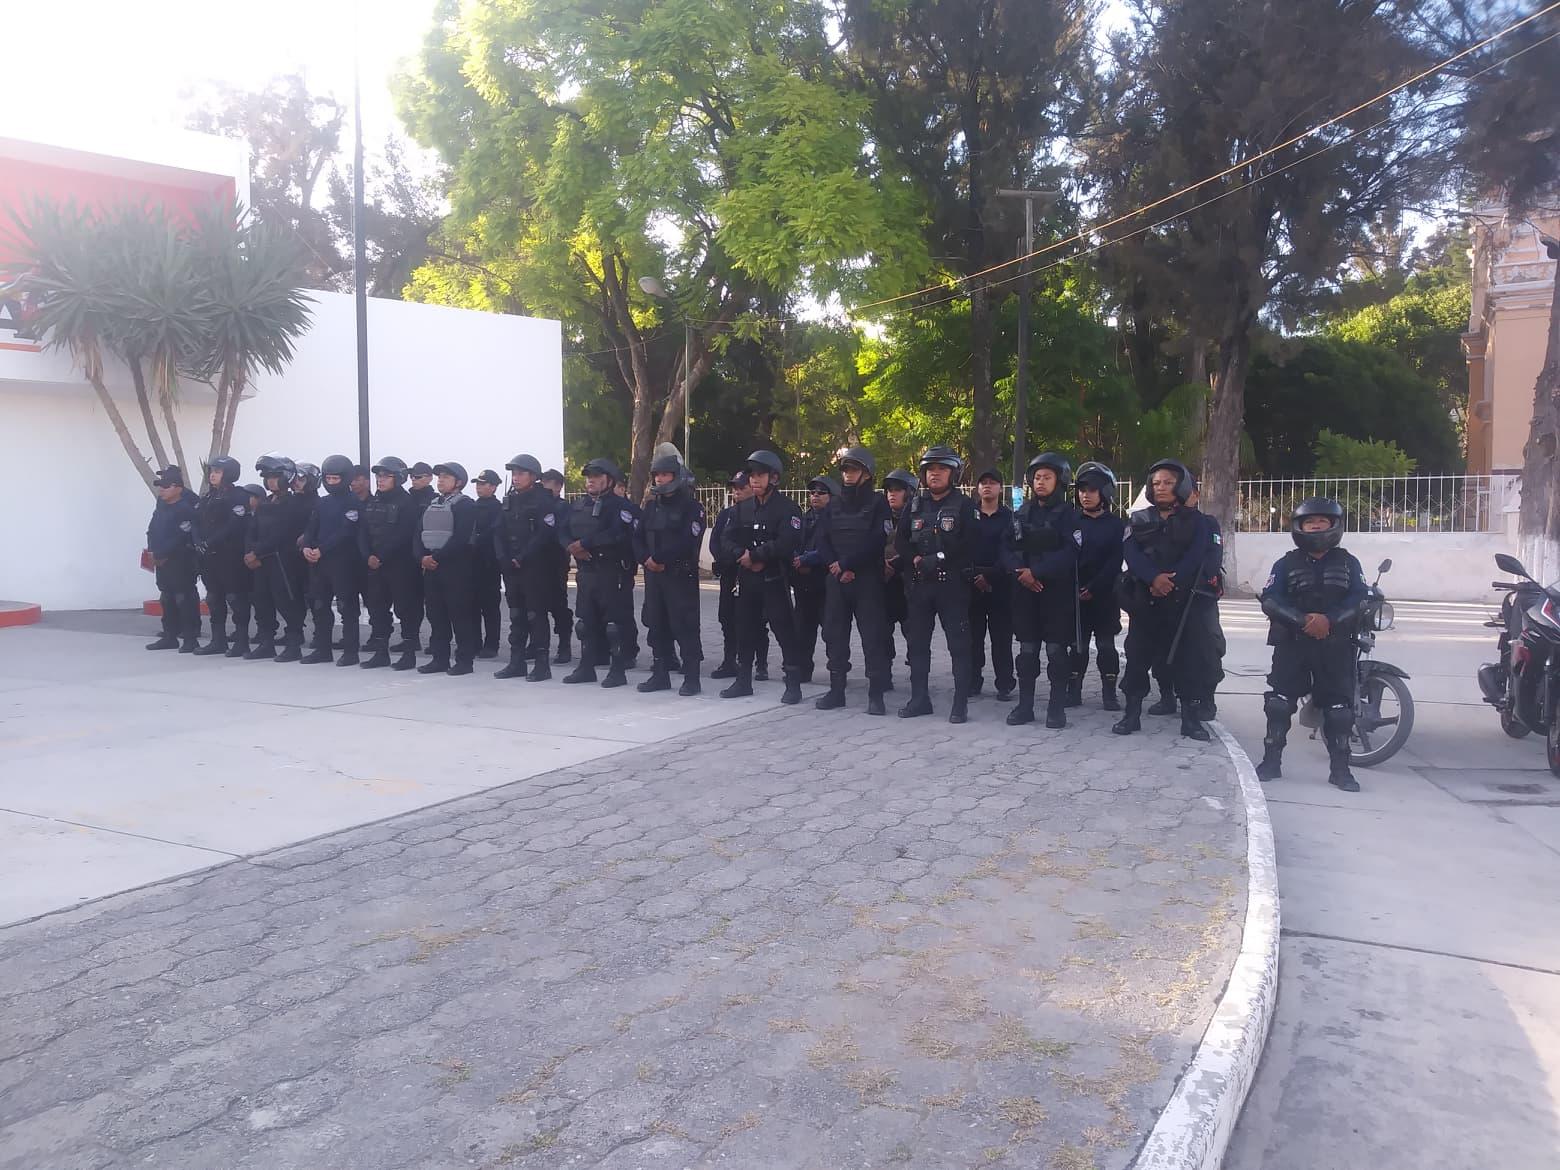 Hay solo 59 policías para cuidar a 45 mil personas en Tetitzintla